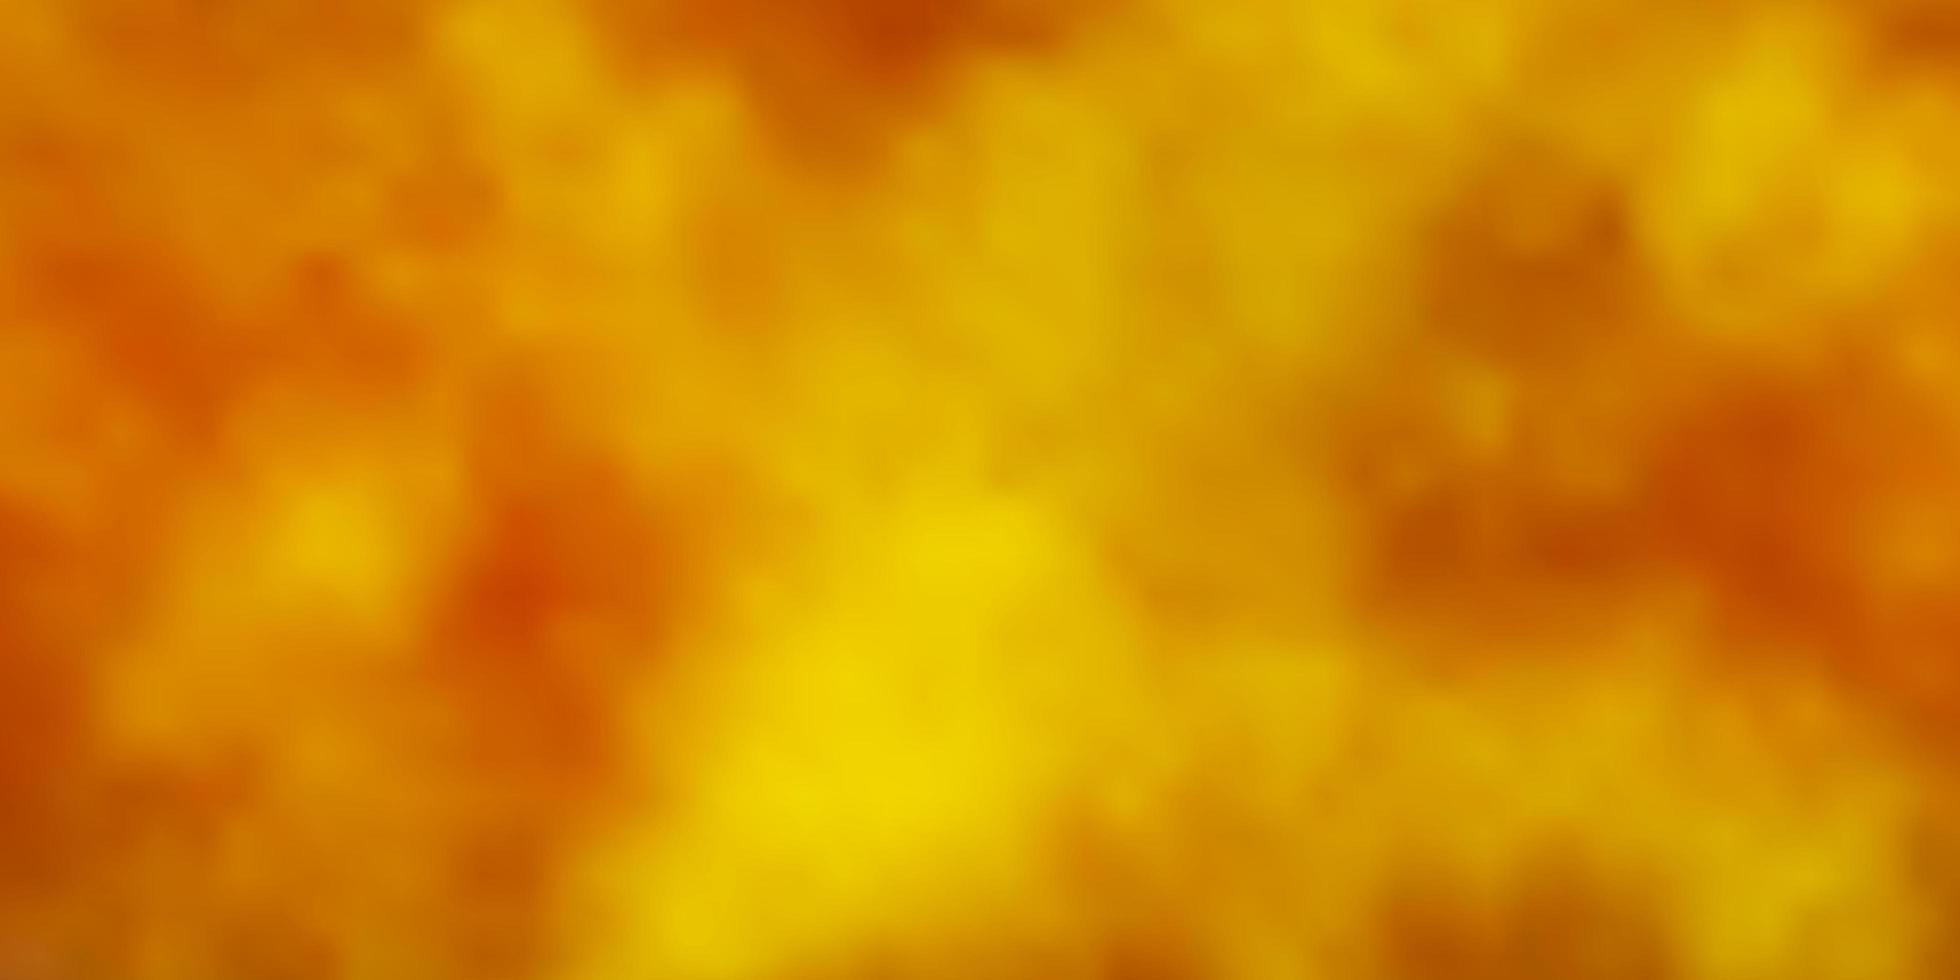 fond jaune foncé avec des nuages. vecteur